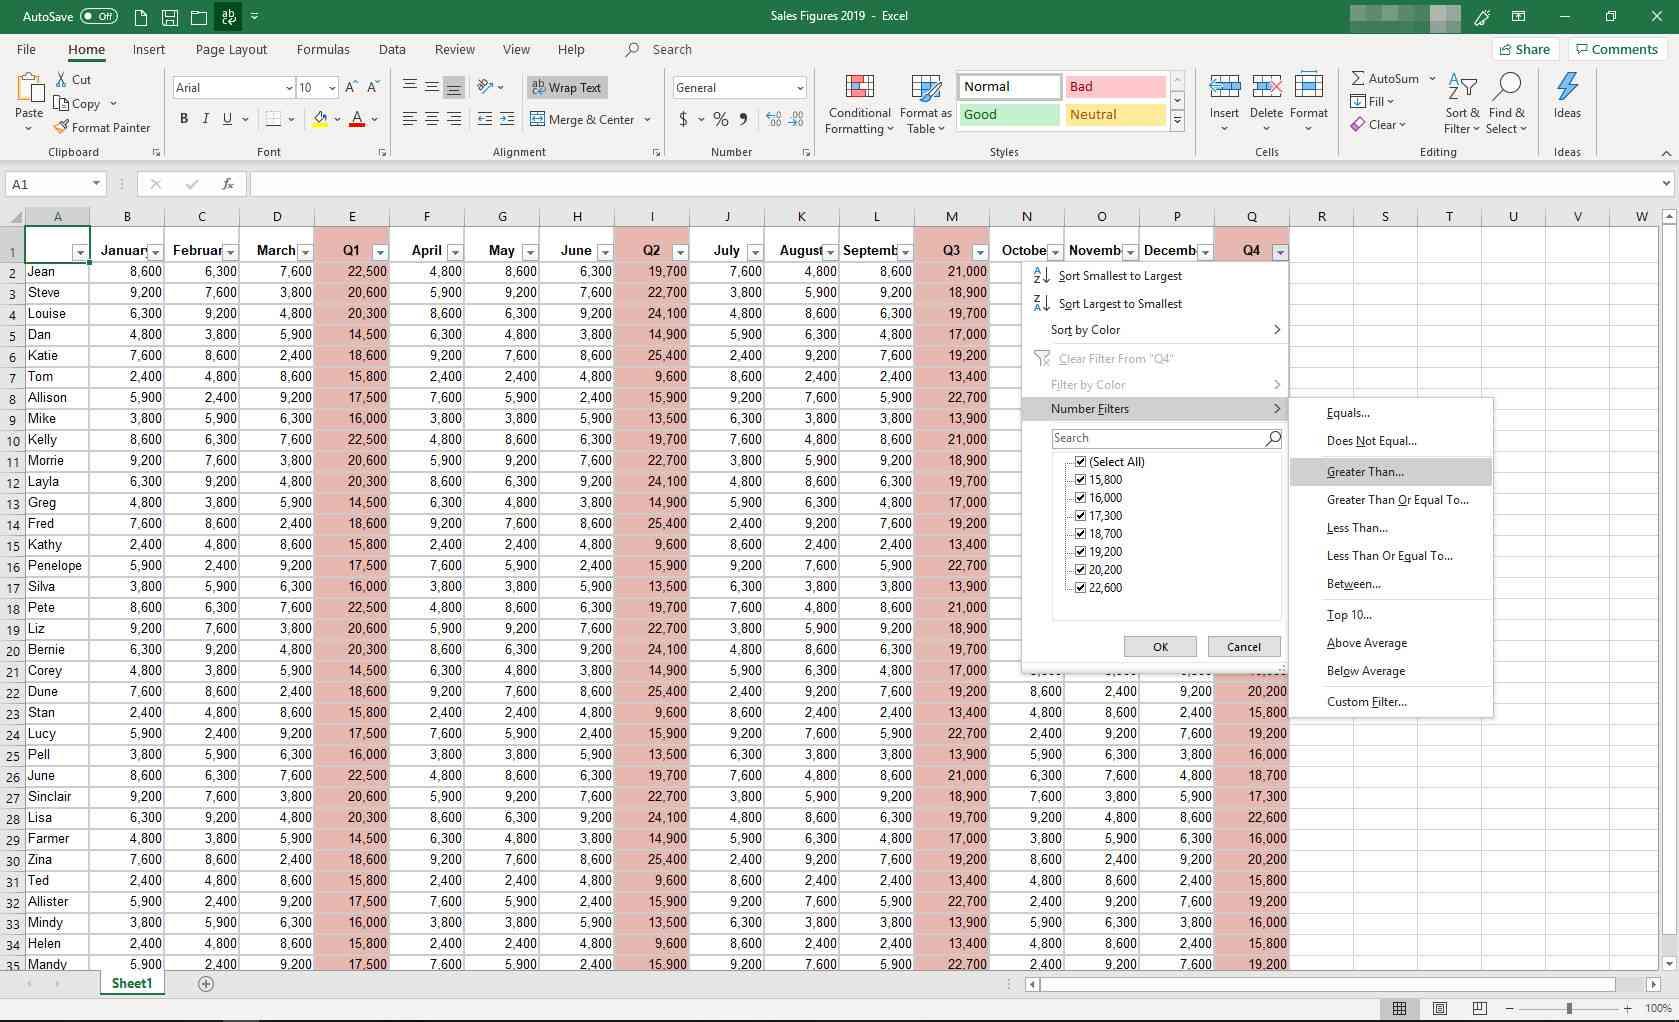 MS Excel with filtering menu displayed